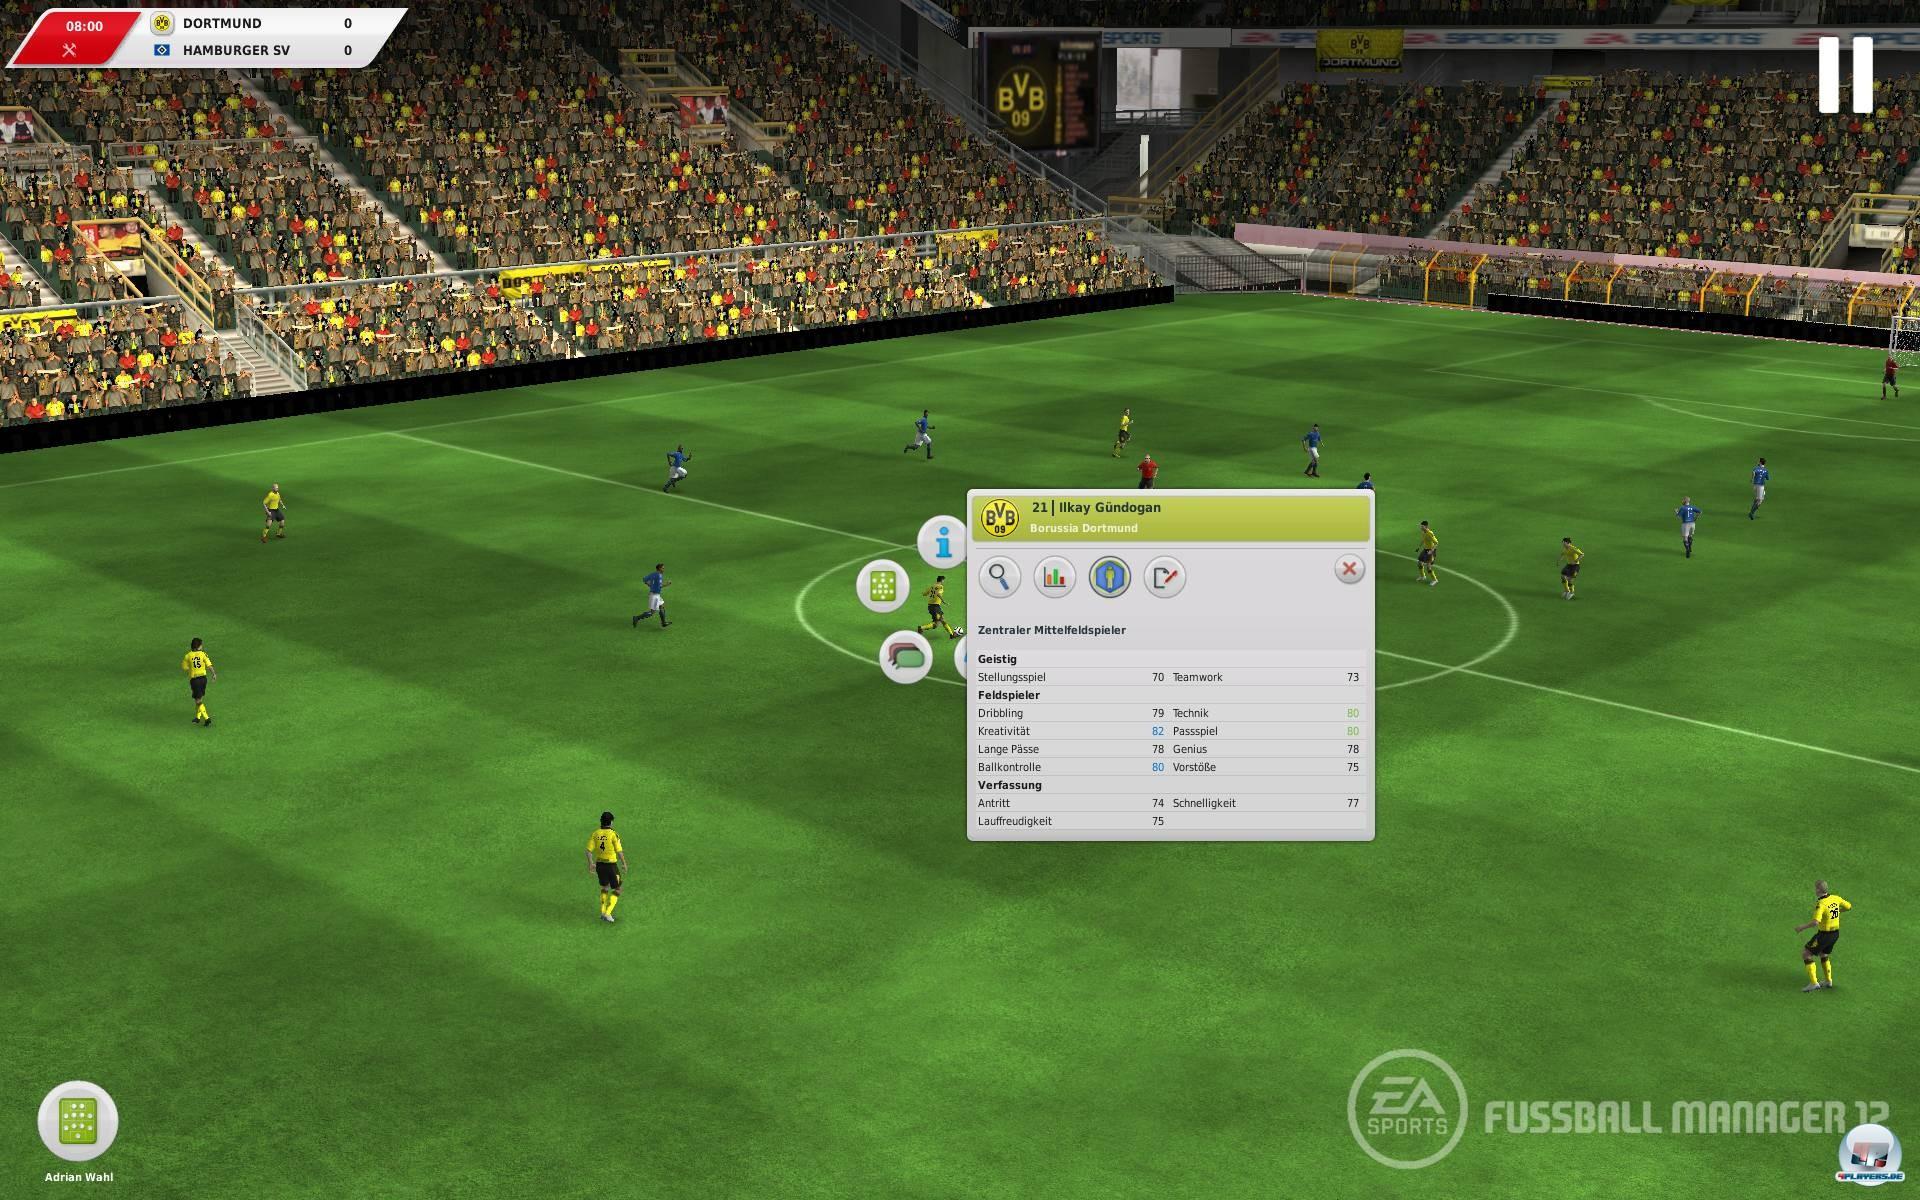 Das 3D-Match bietet nicht nur eine neue Logik und Dynamik, sondern vereinfachte Möglichkeiten, die Mannschaft zu lenken.